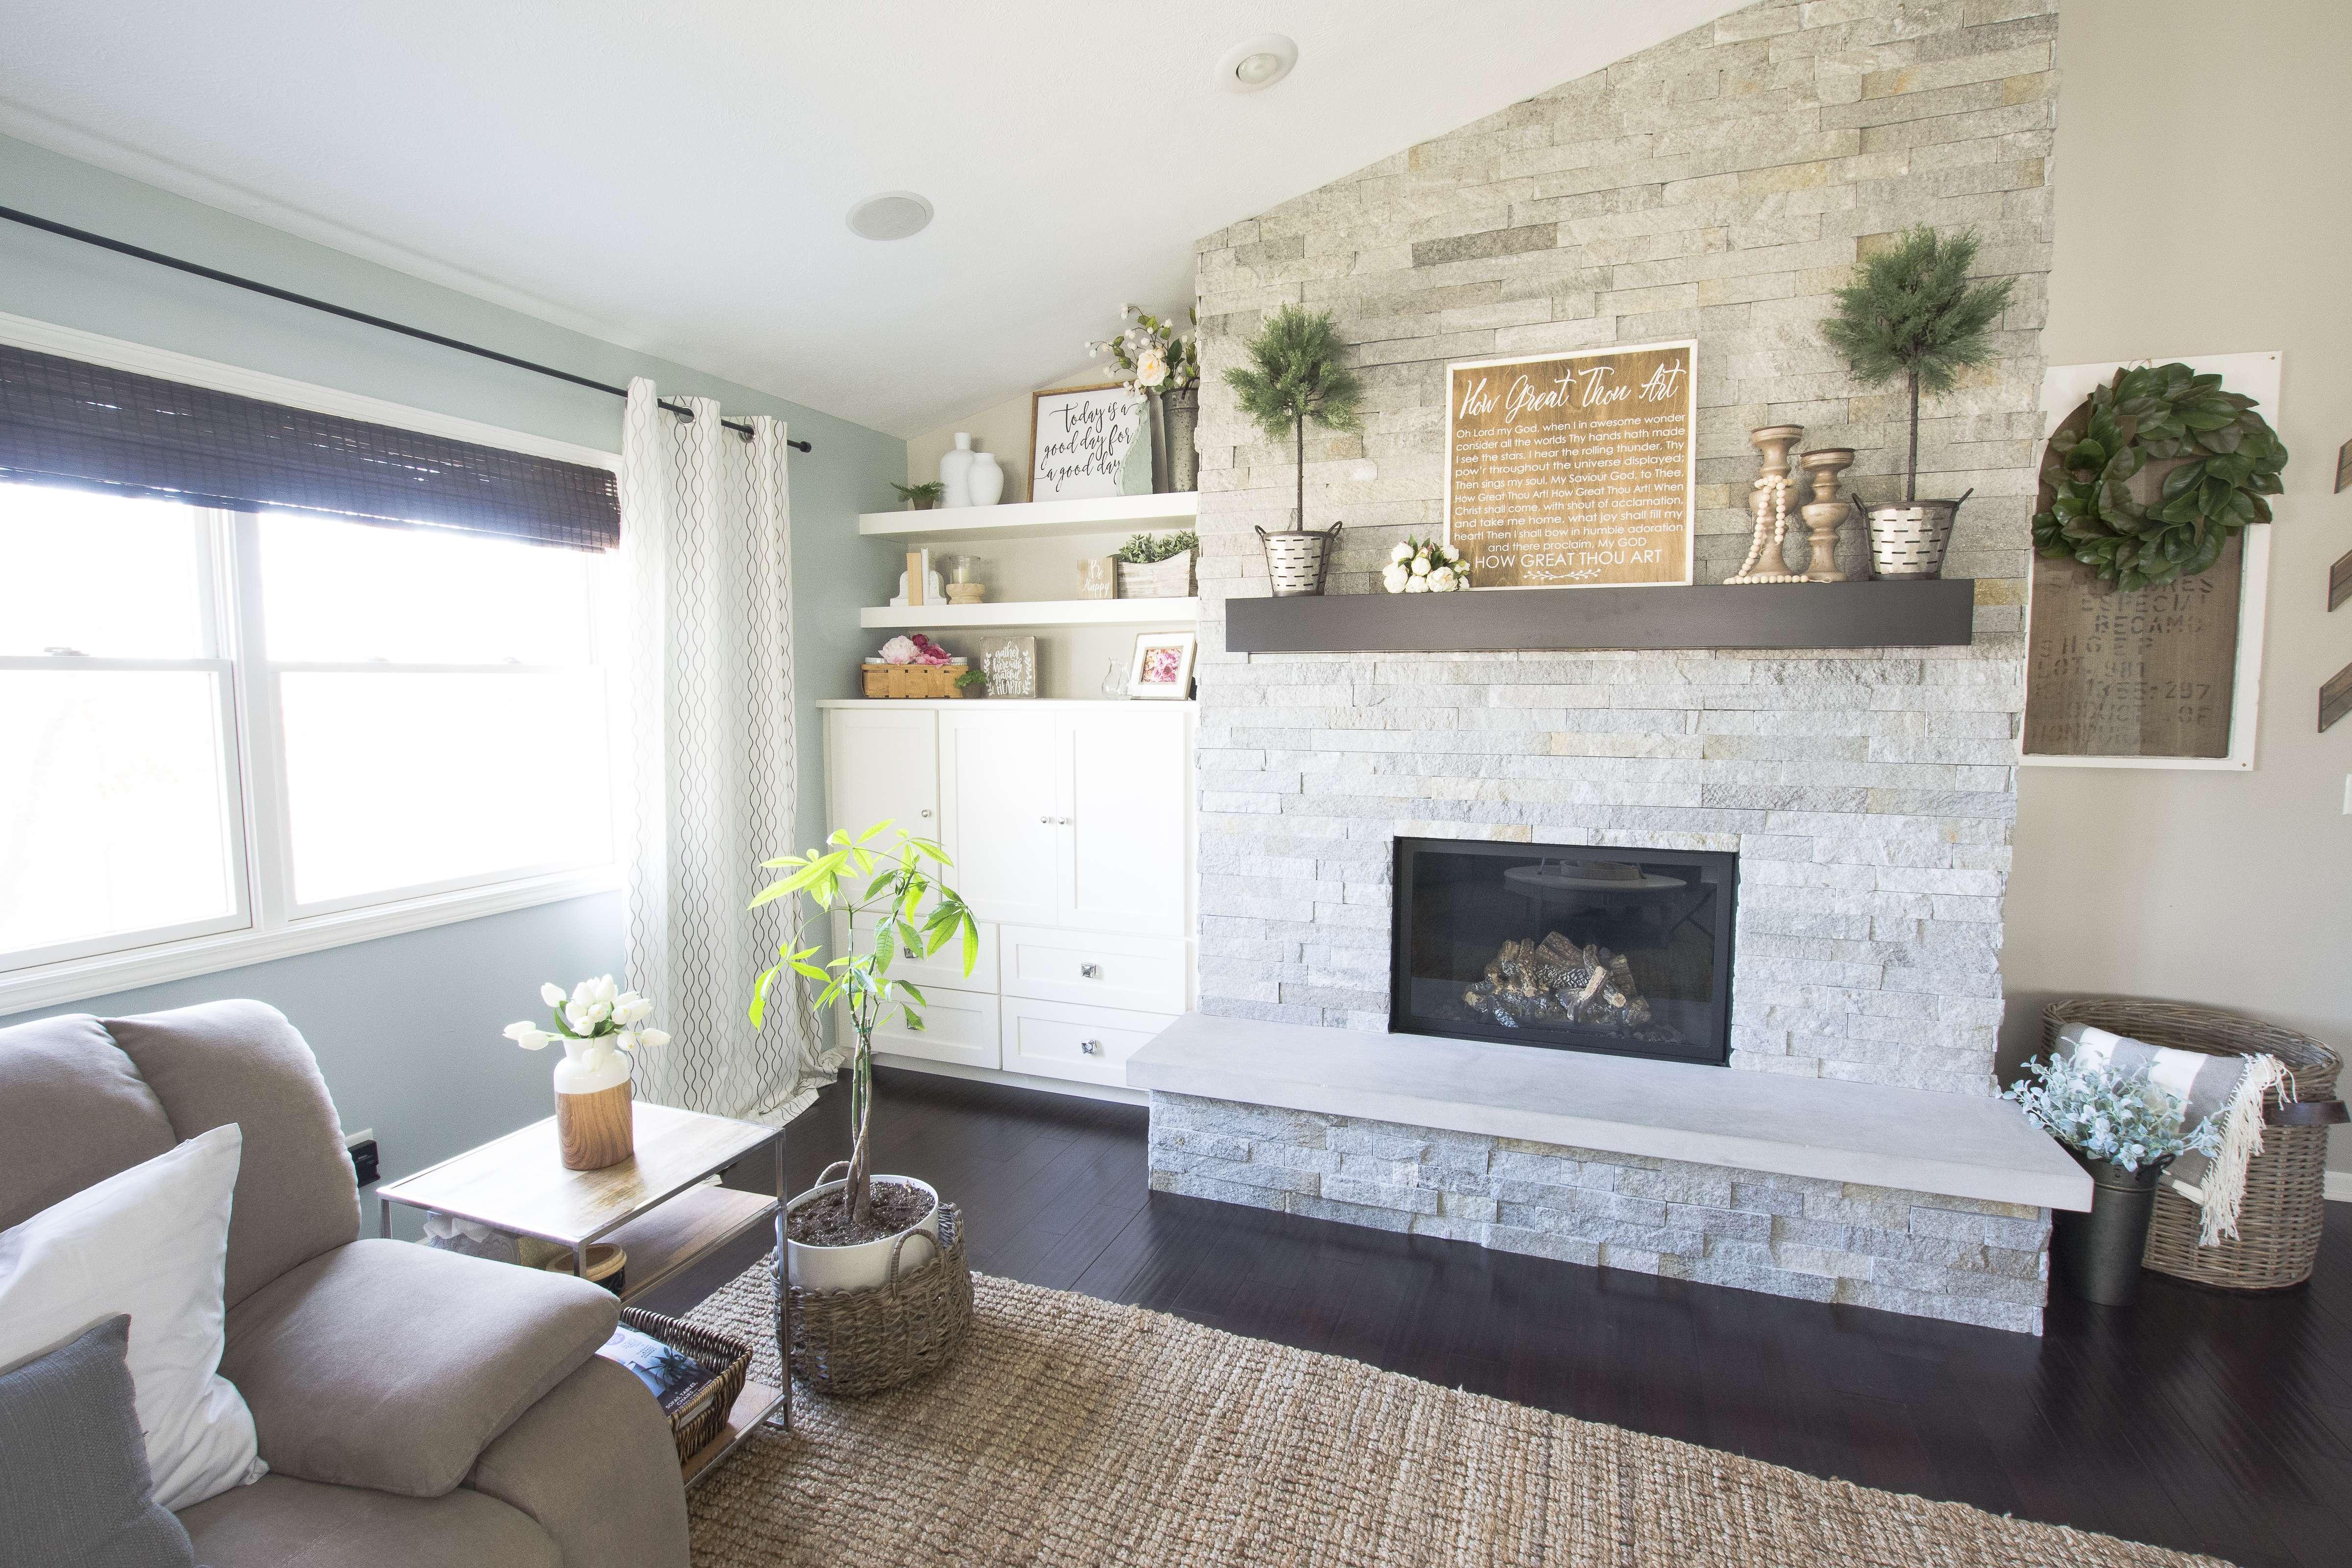 spring-home-tour-living-room-fireplace-2017-graceinmyspace-com